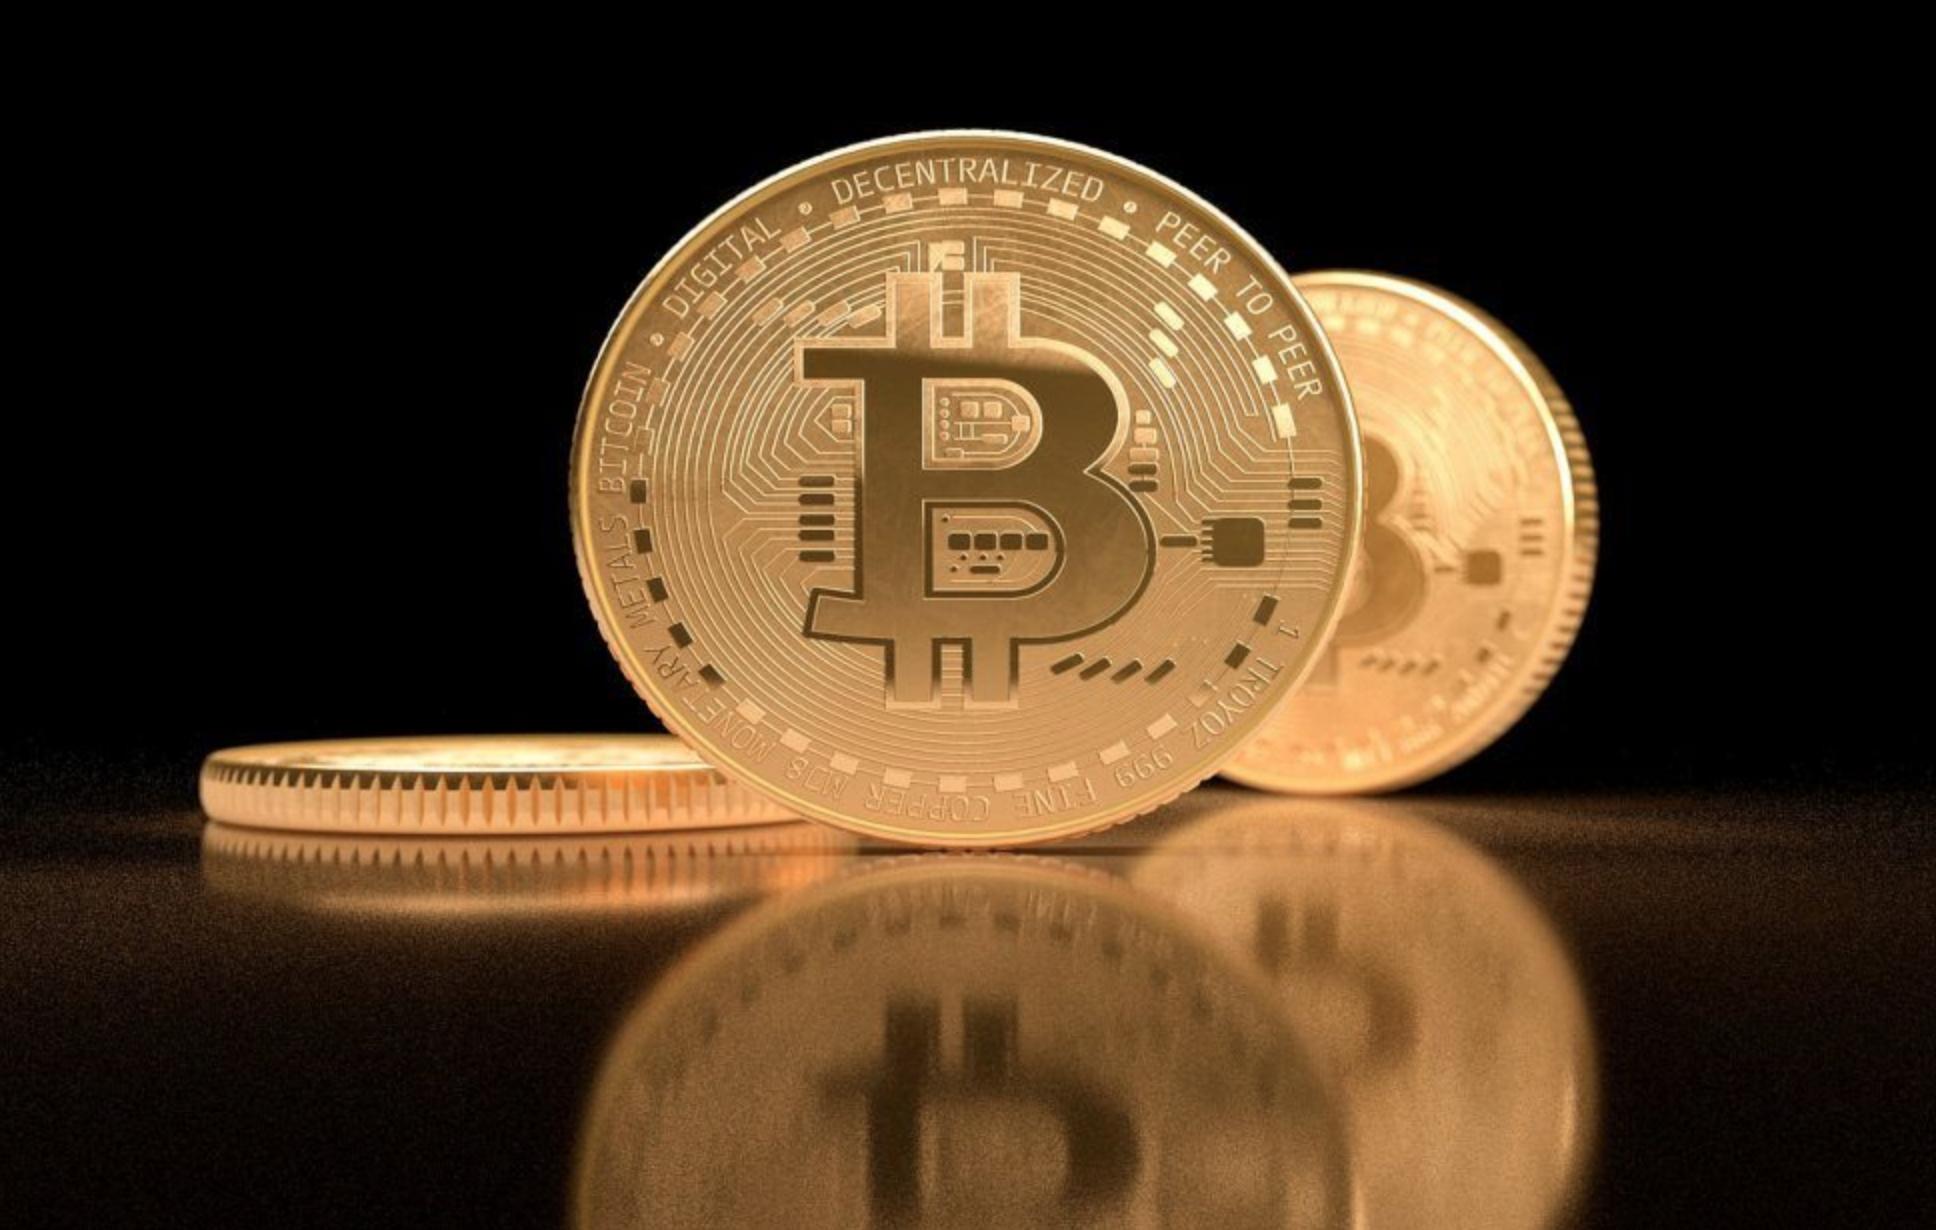 Bitcoin prijs goed nieuws